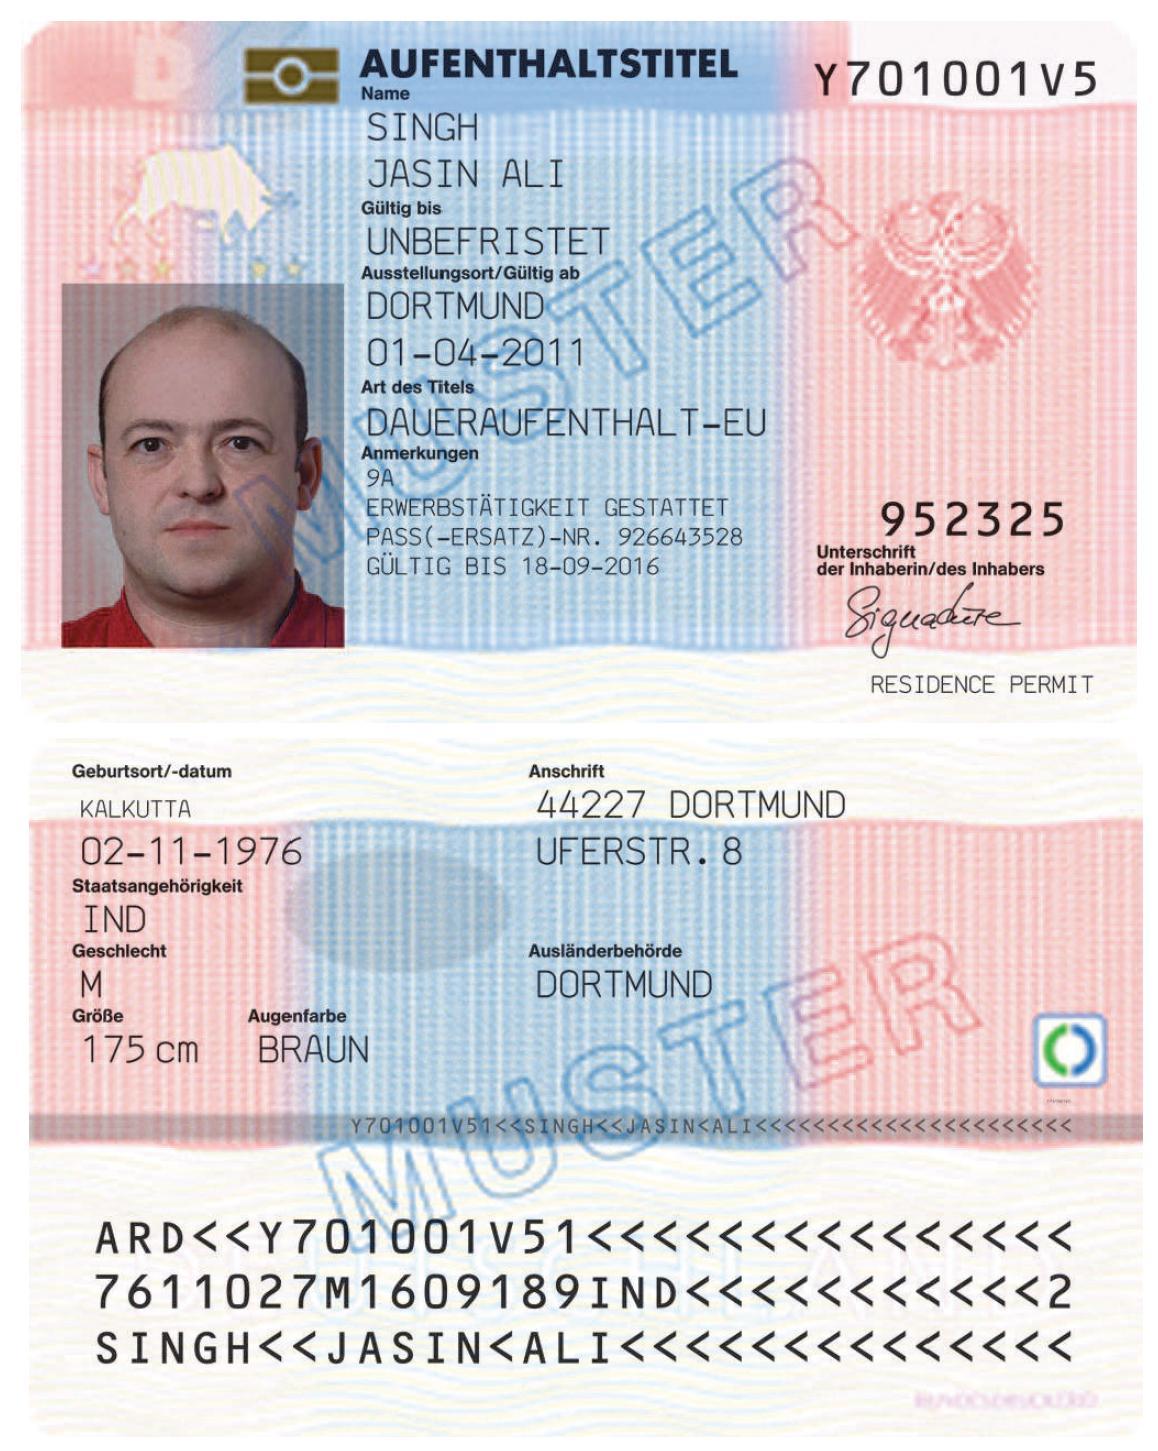 Erlaubnis zum Daueraufenthalt-EU (Deutschland) – Wikipedia